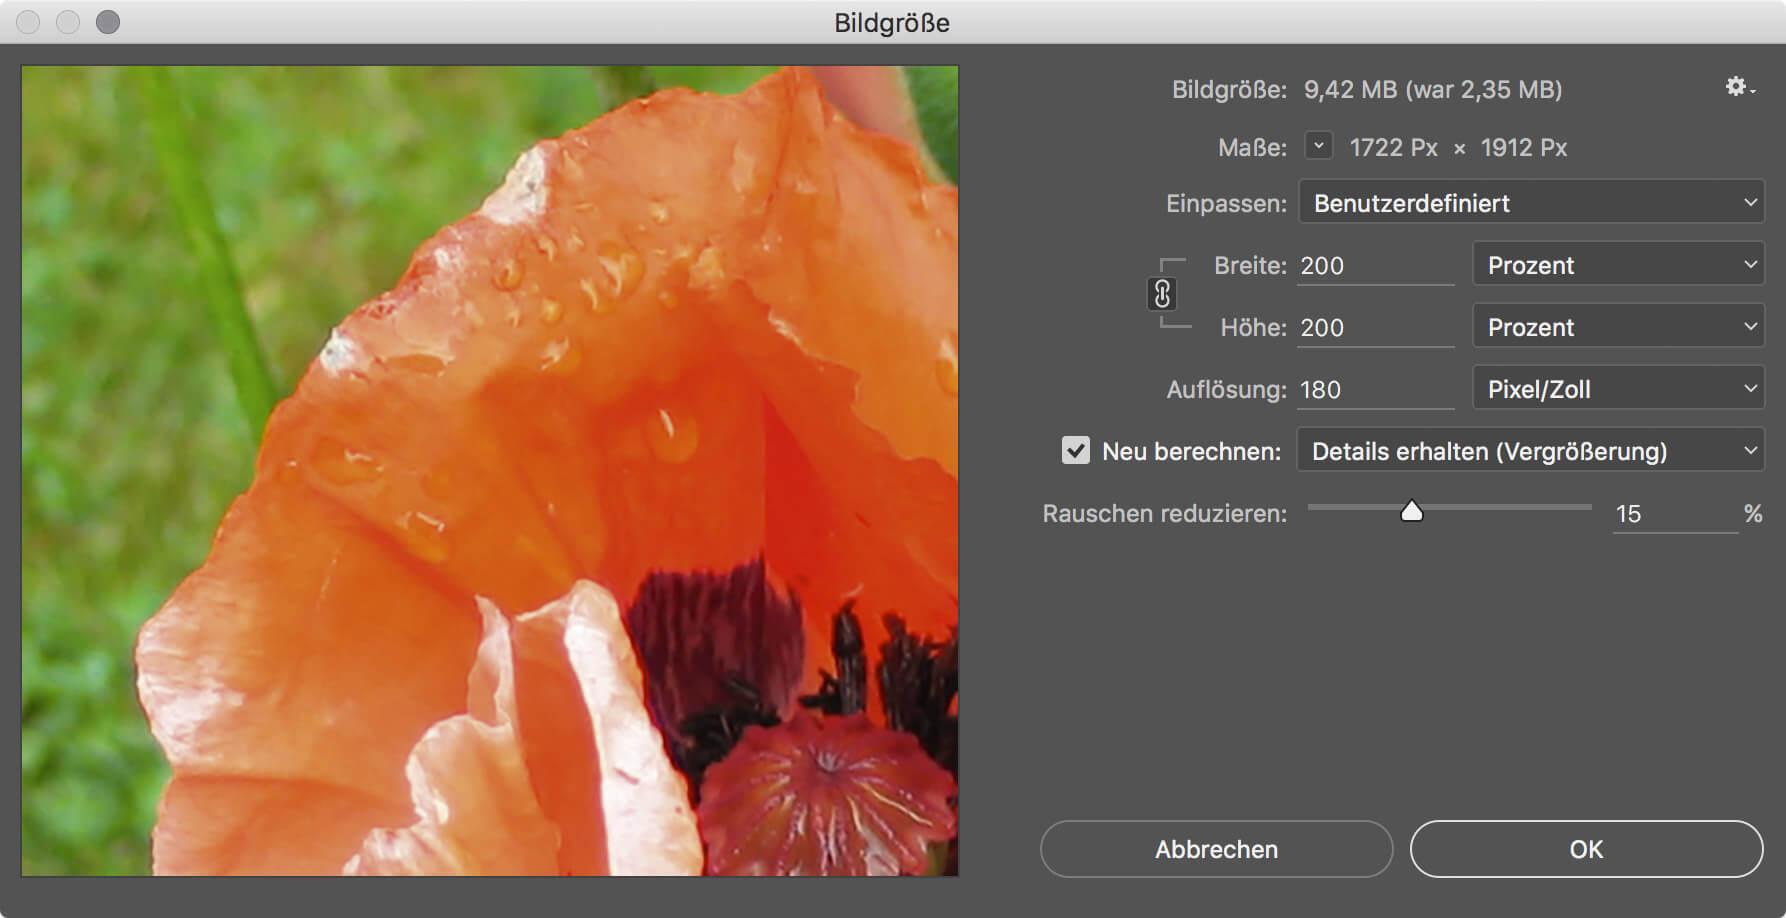 Photoshop Details erhalten für Vergrößerungen